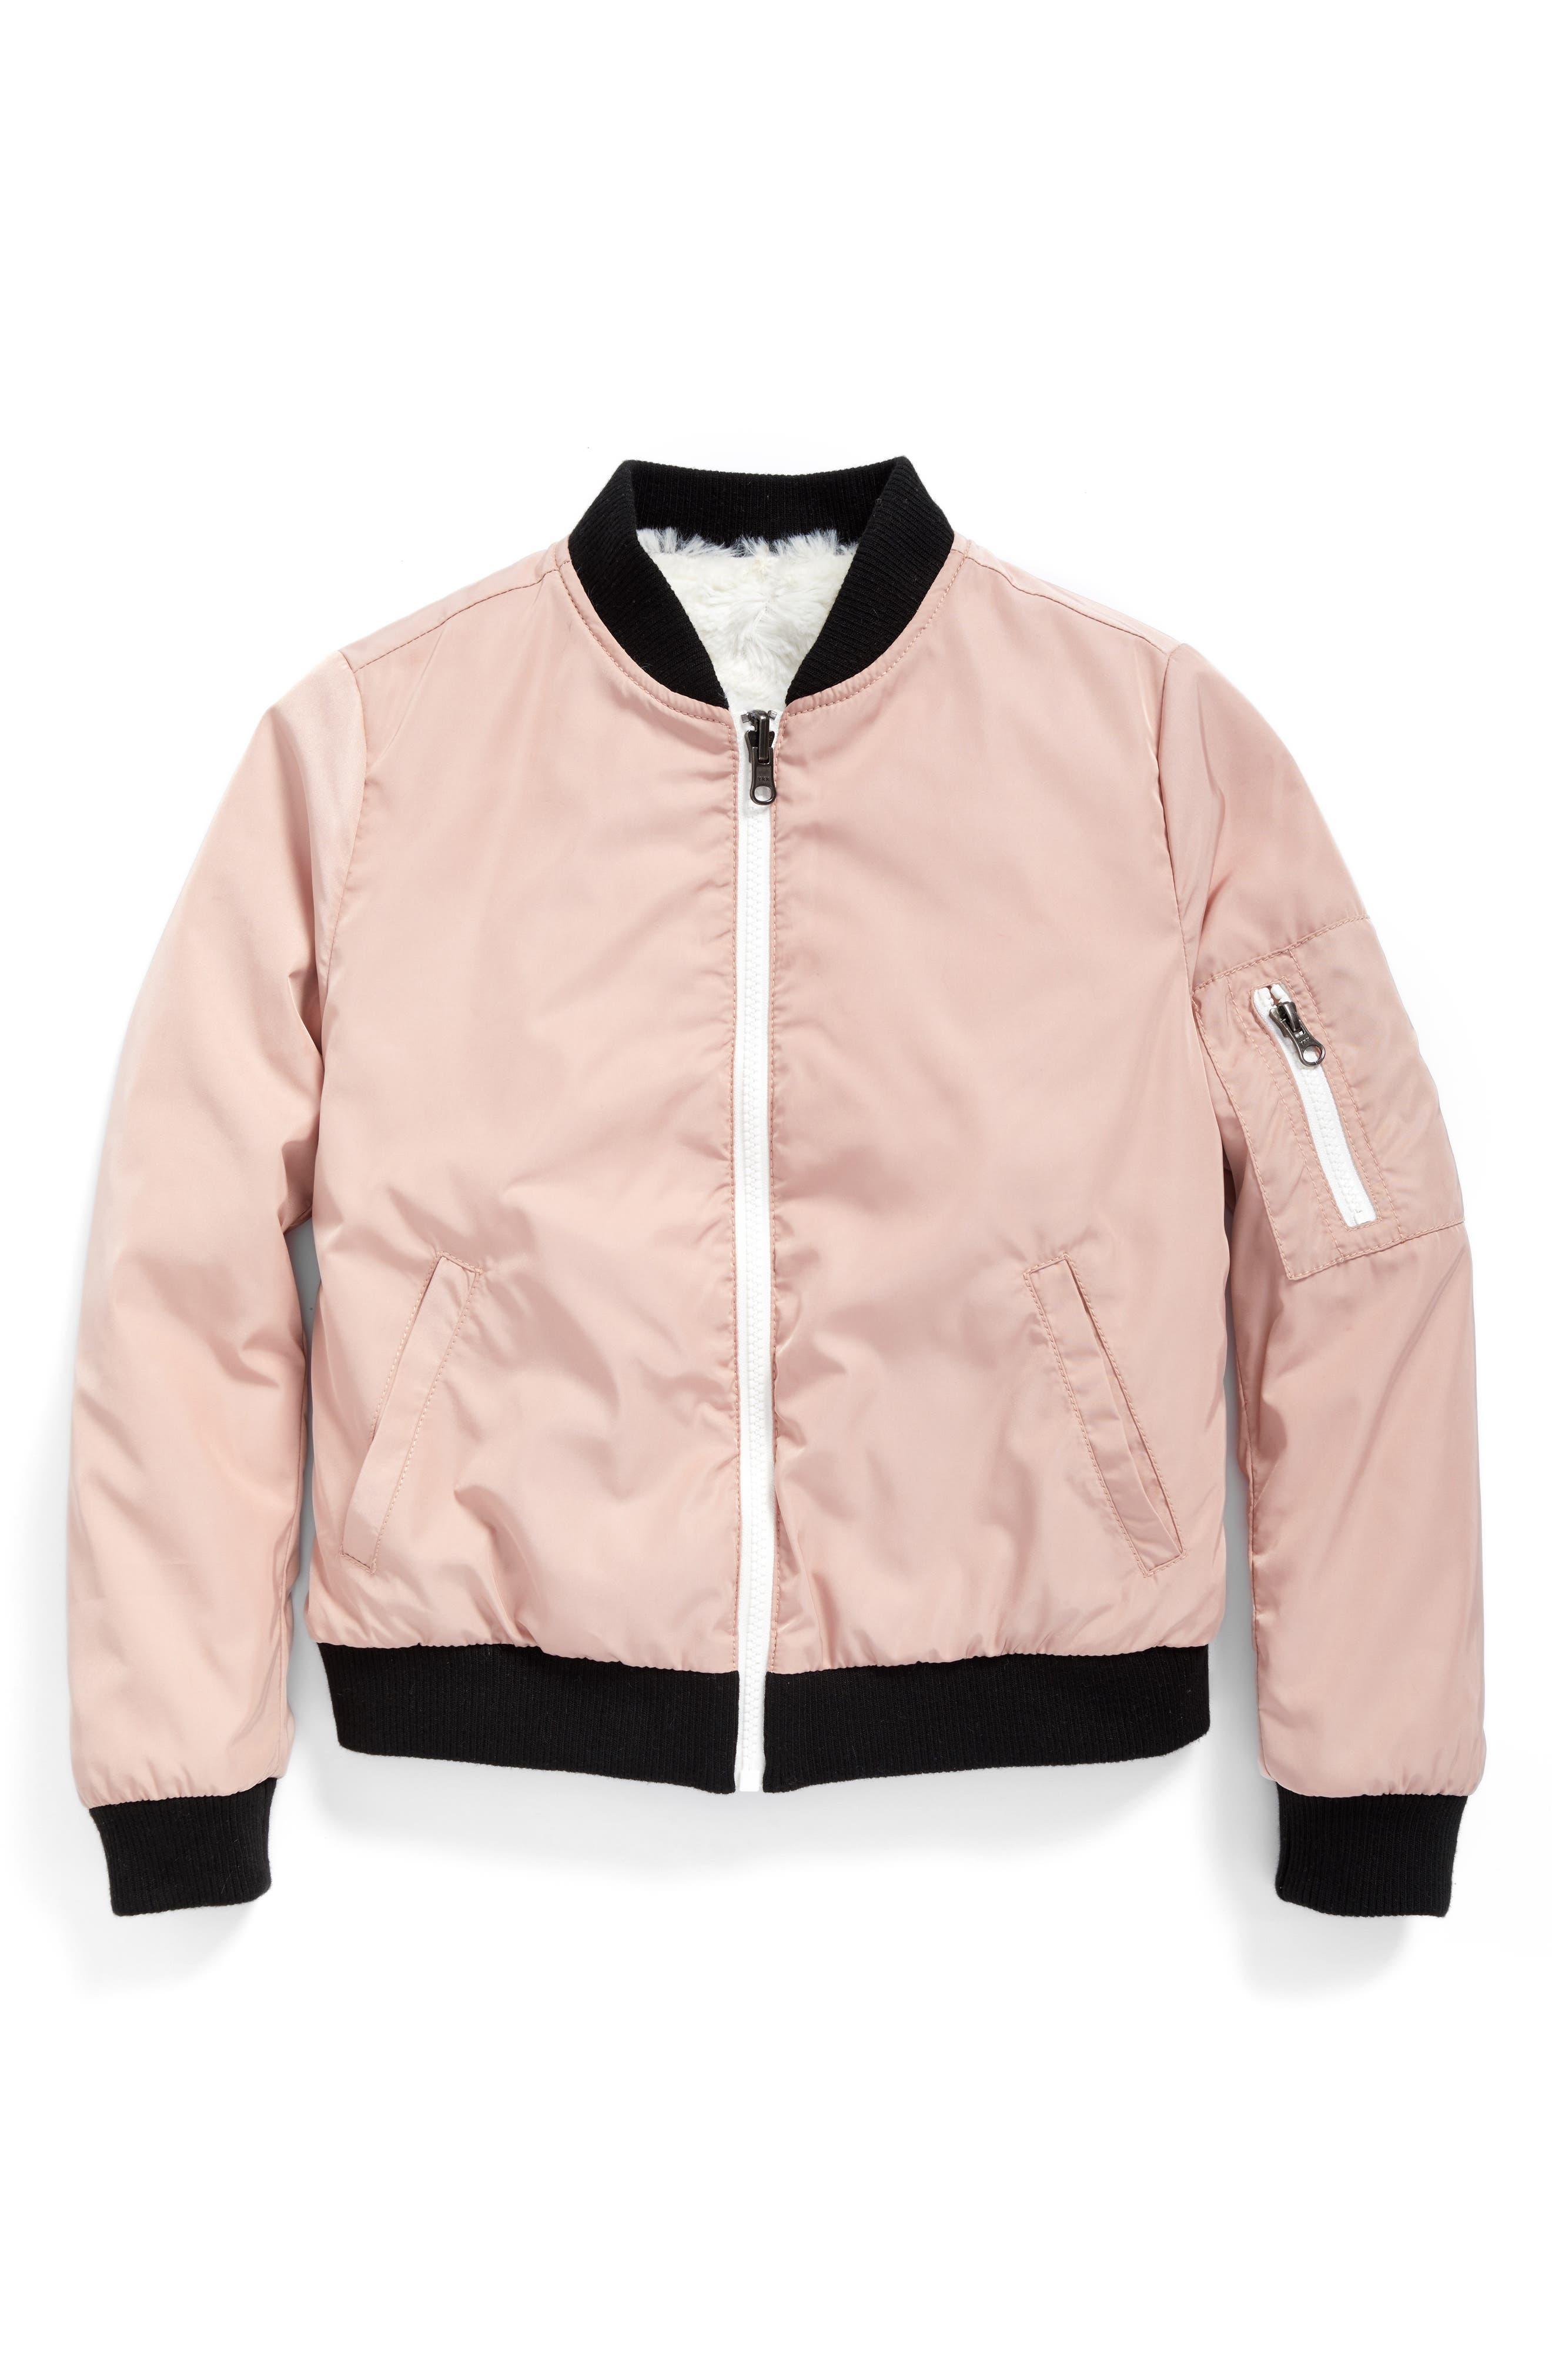 Main Image - Tucker + Tate Reversible Faux Fur Bomber Jacket (Big Girls)